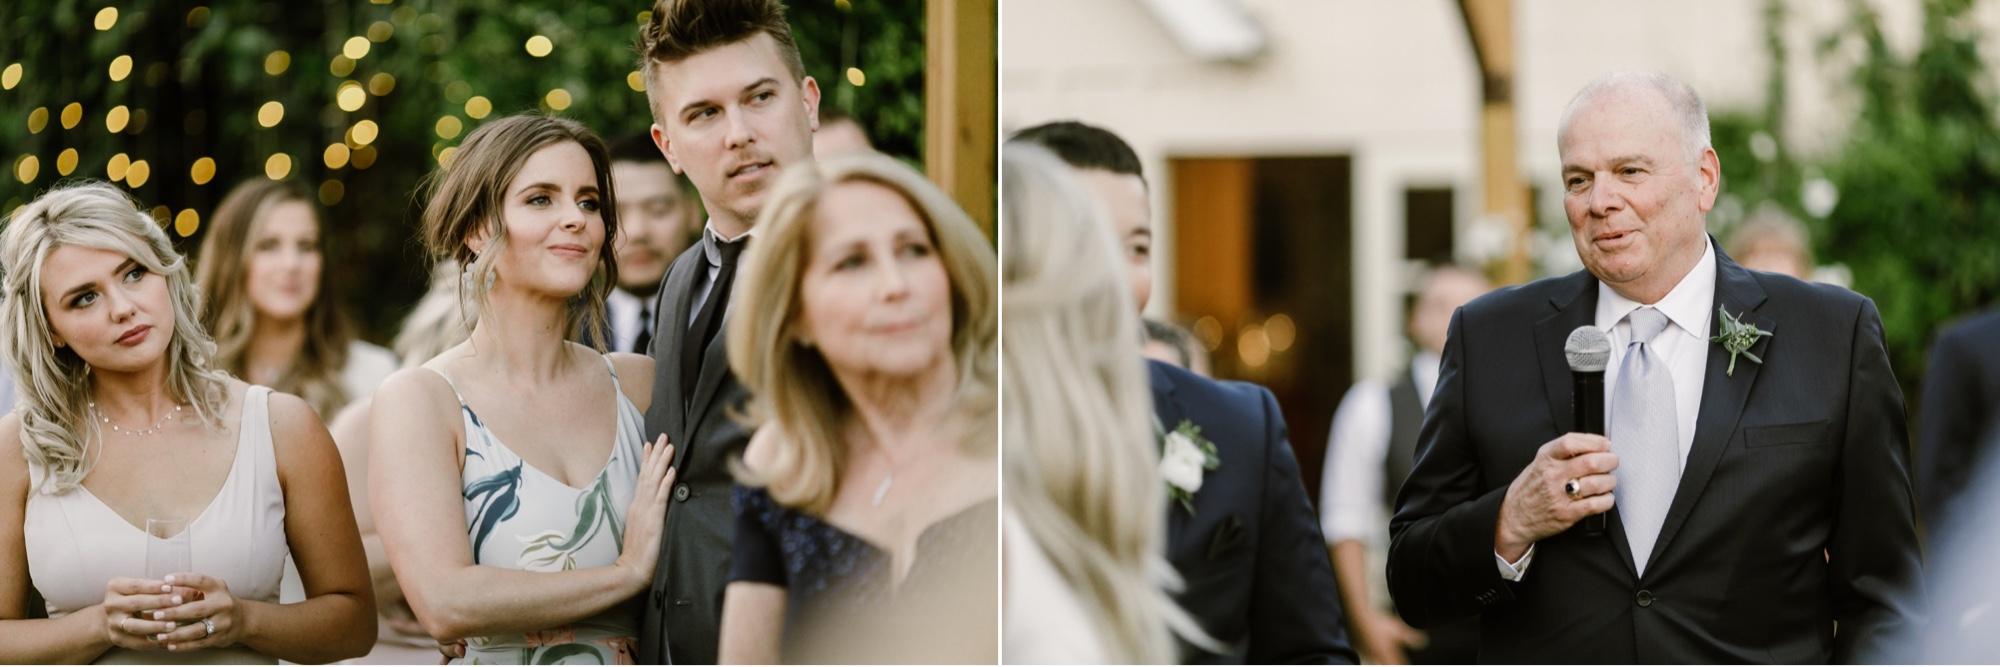 79_Ally and Tommy's Wedding-202_Ally and Tommy's Wedding-201.jpg